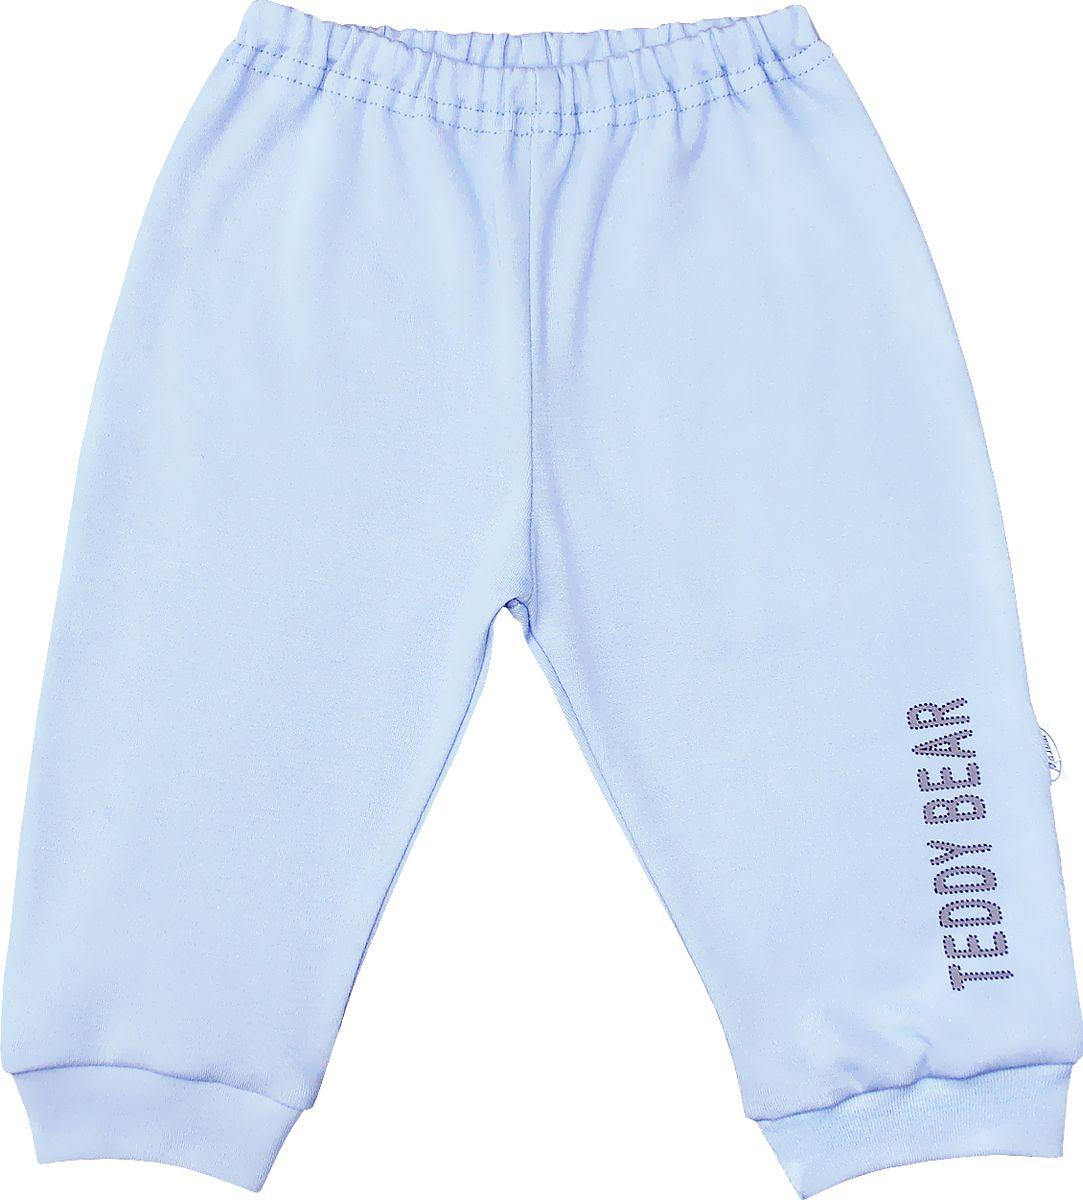 Штанишки для мальчика Веселый малыш Мишка-Тедди, цвет: голубой. 33320/мт-F (1). Размер 86 брюки джинсы и штанишки веселый малыш штанишки мото